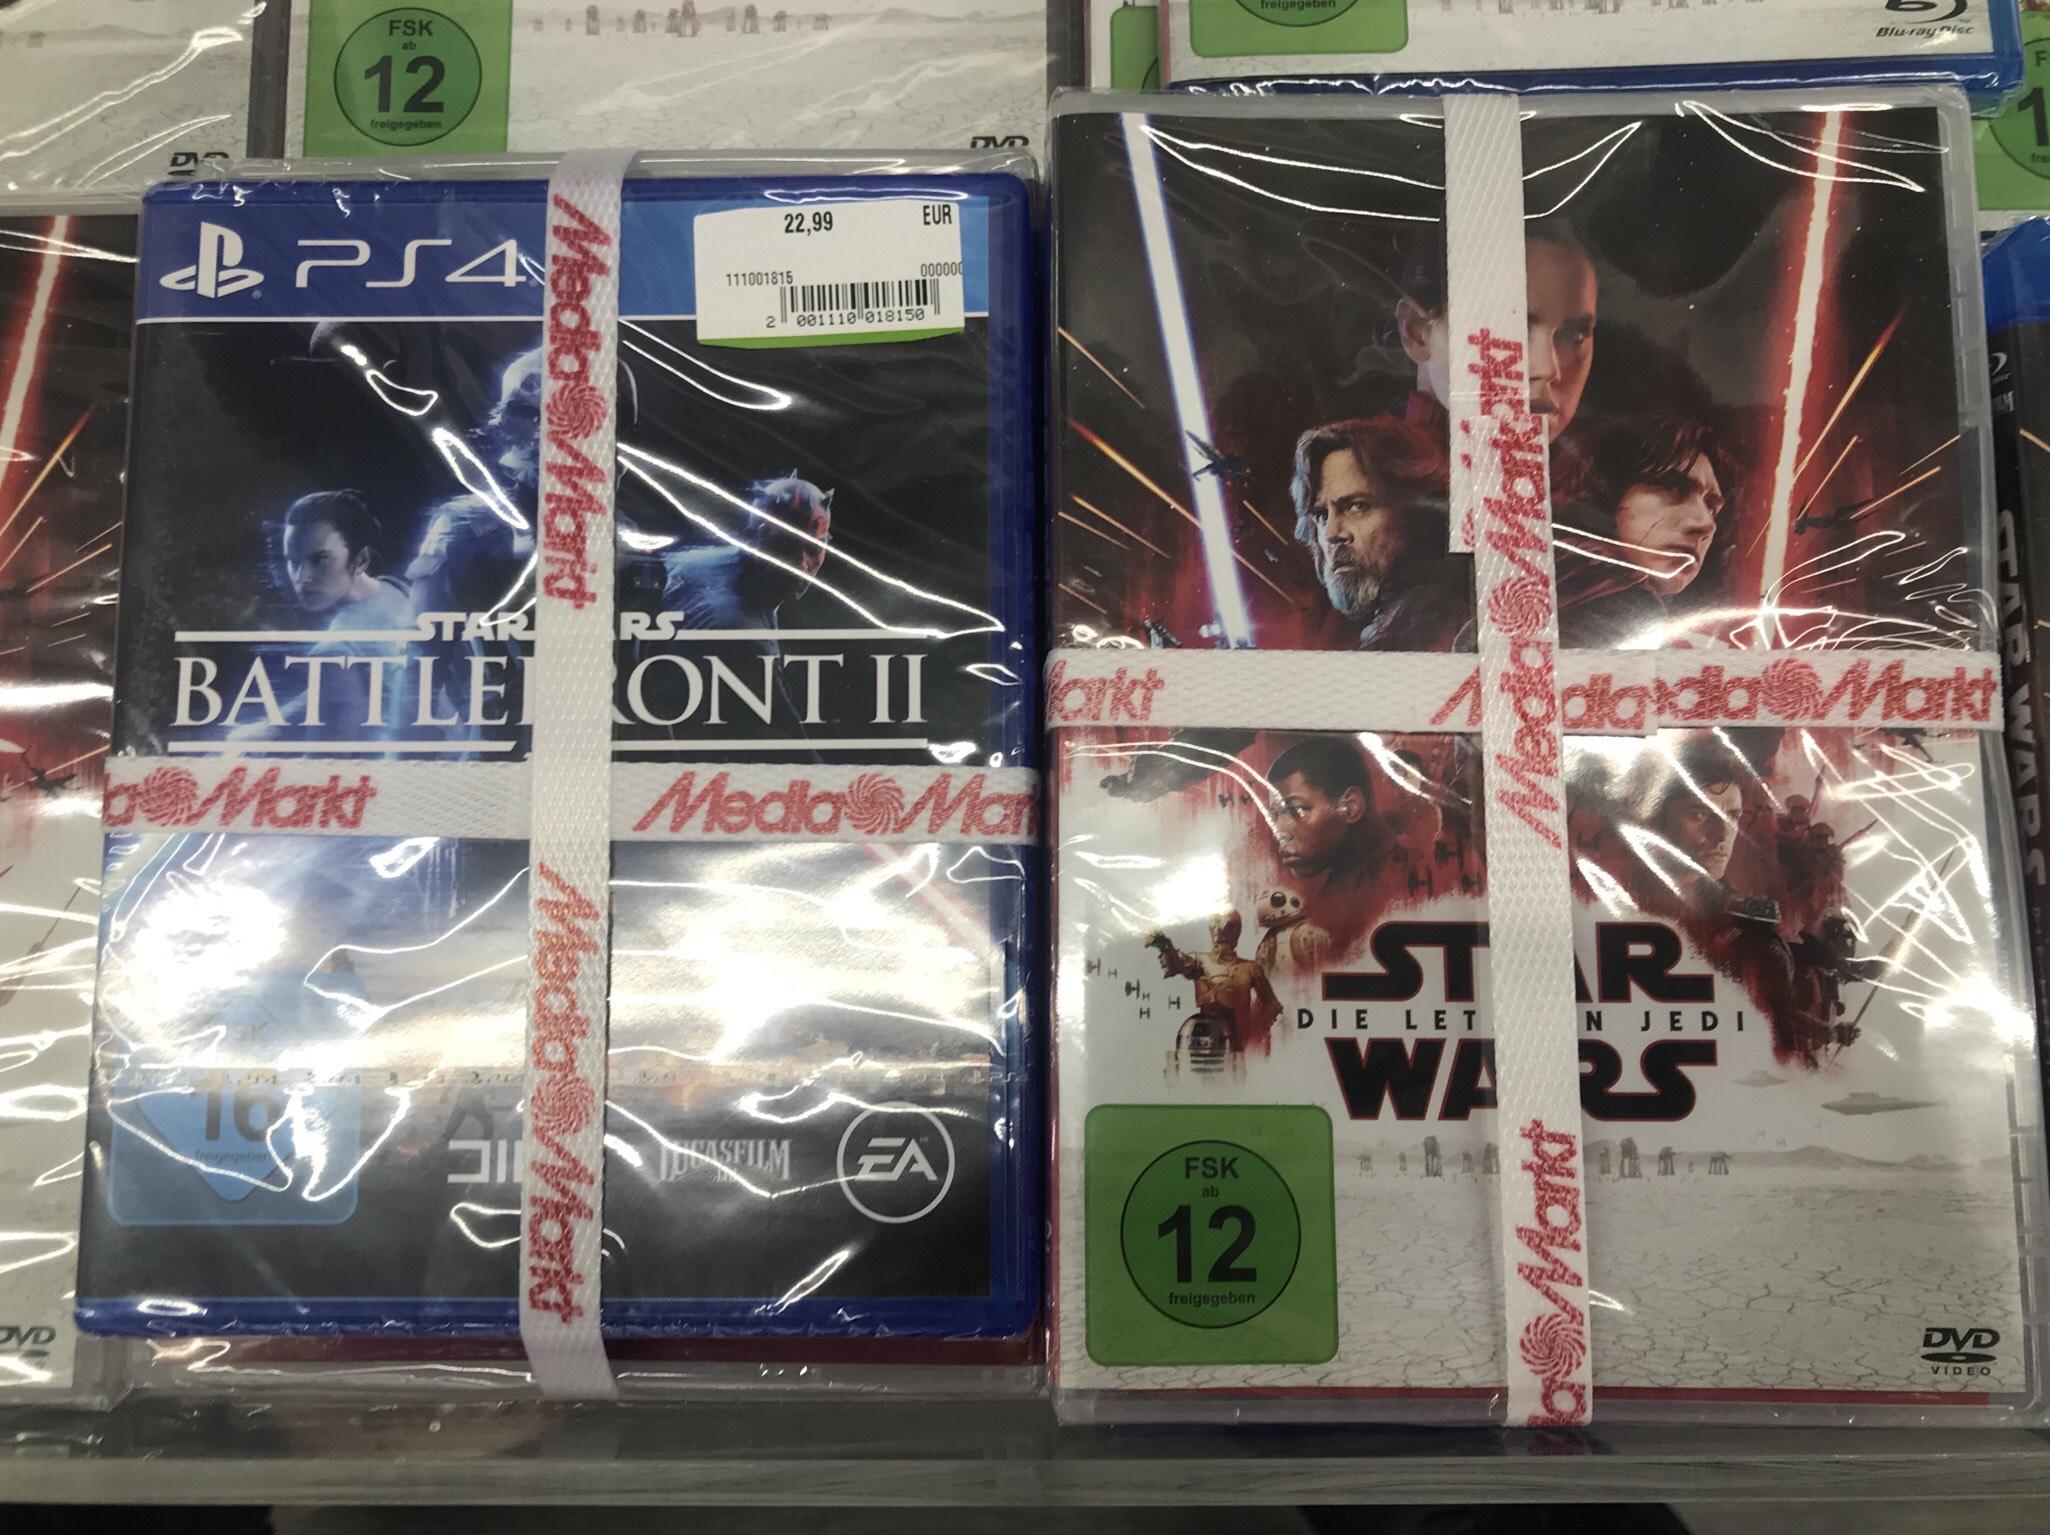 [LOKAL Media Markt Henstedt-Ulzburg] Star Wars Battlefront 2 + DVD Die letzten Jedi